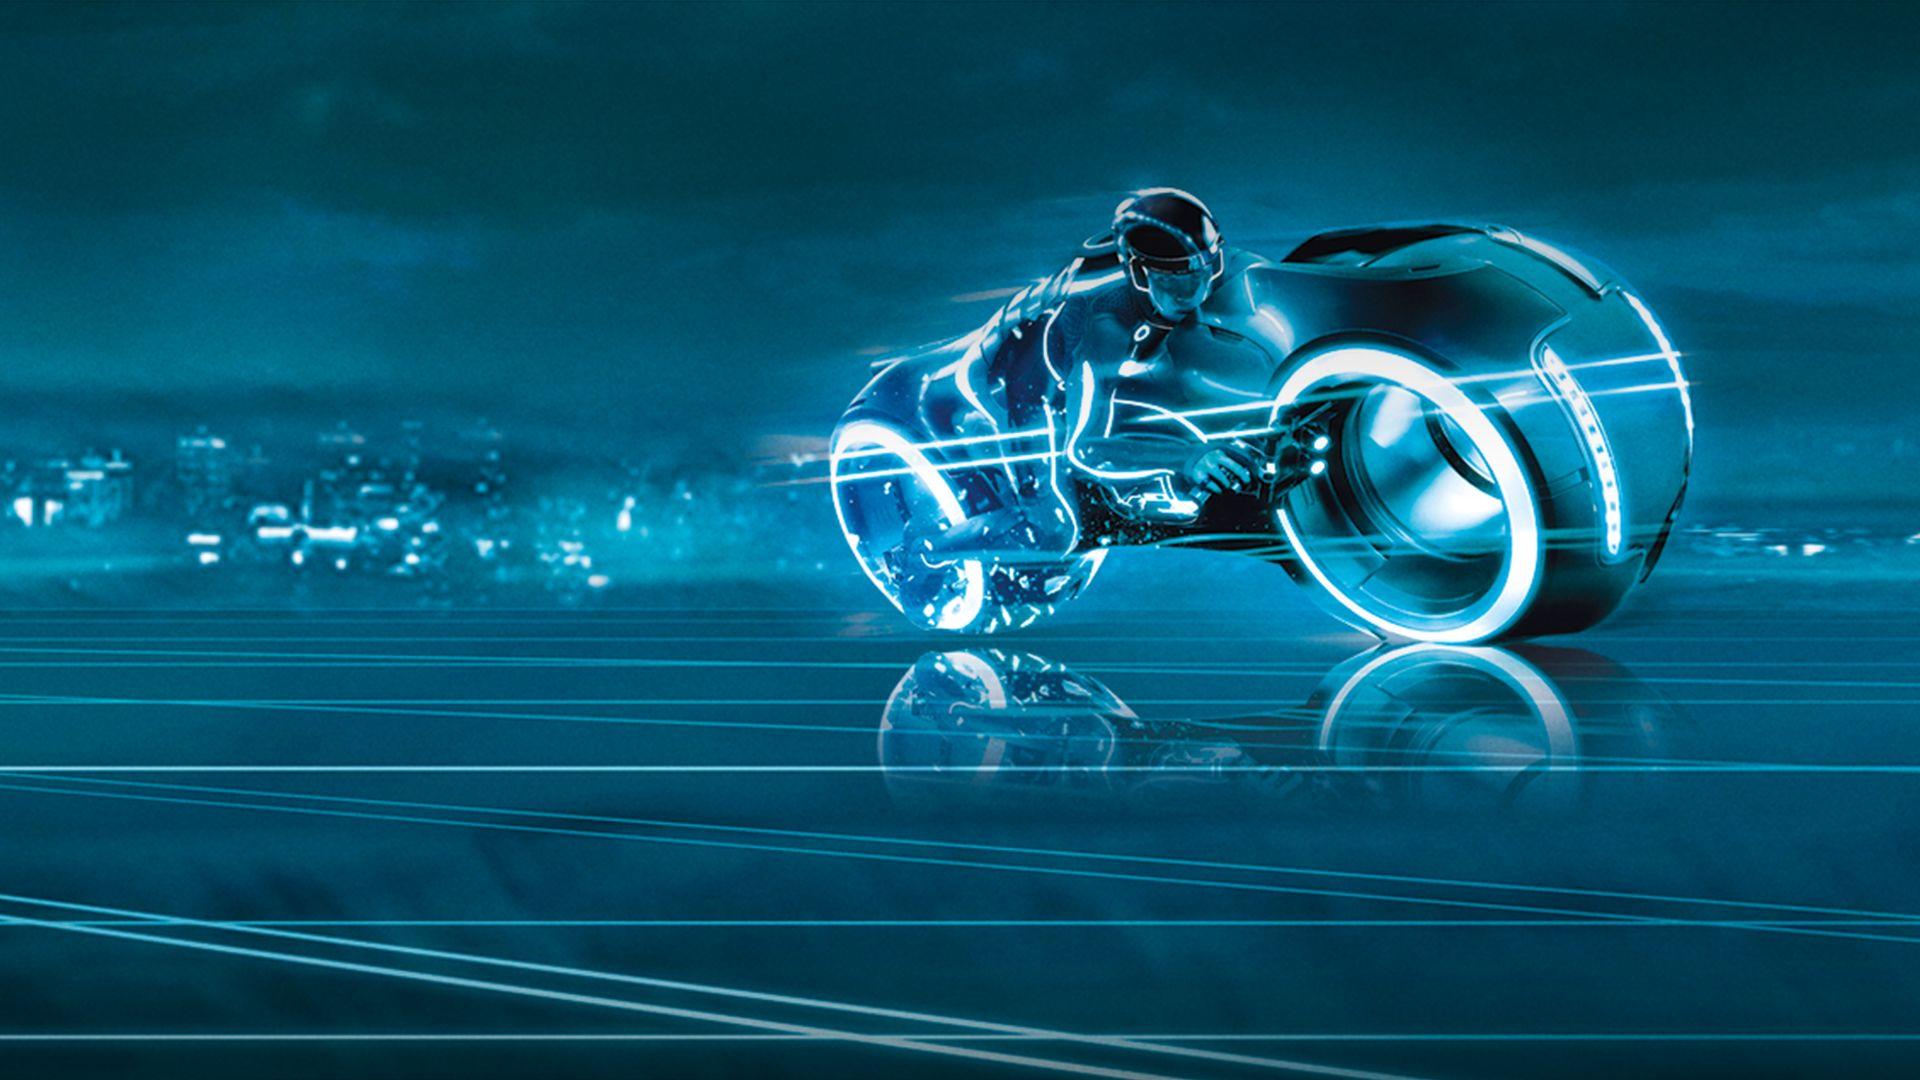 Disney game ideas - Tron